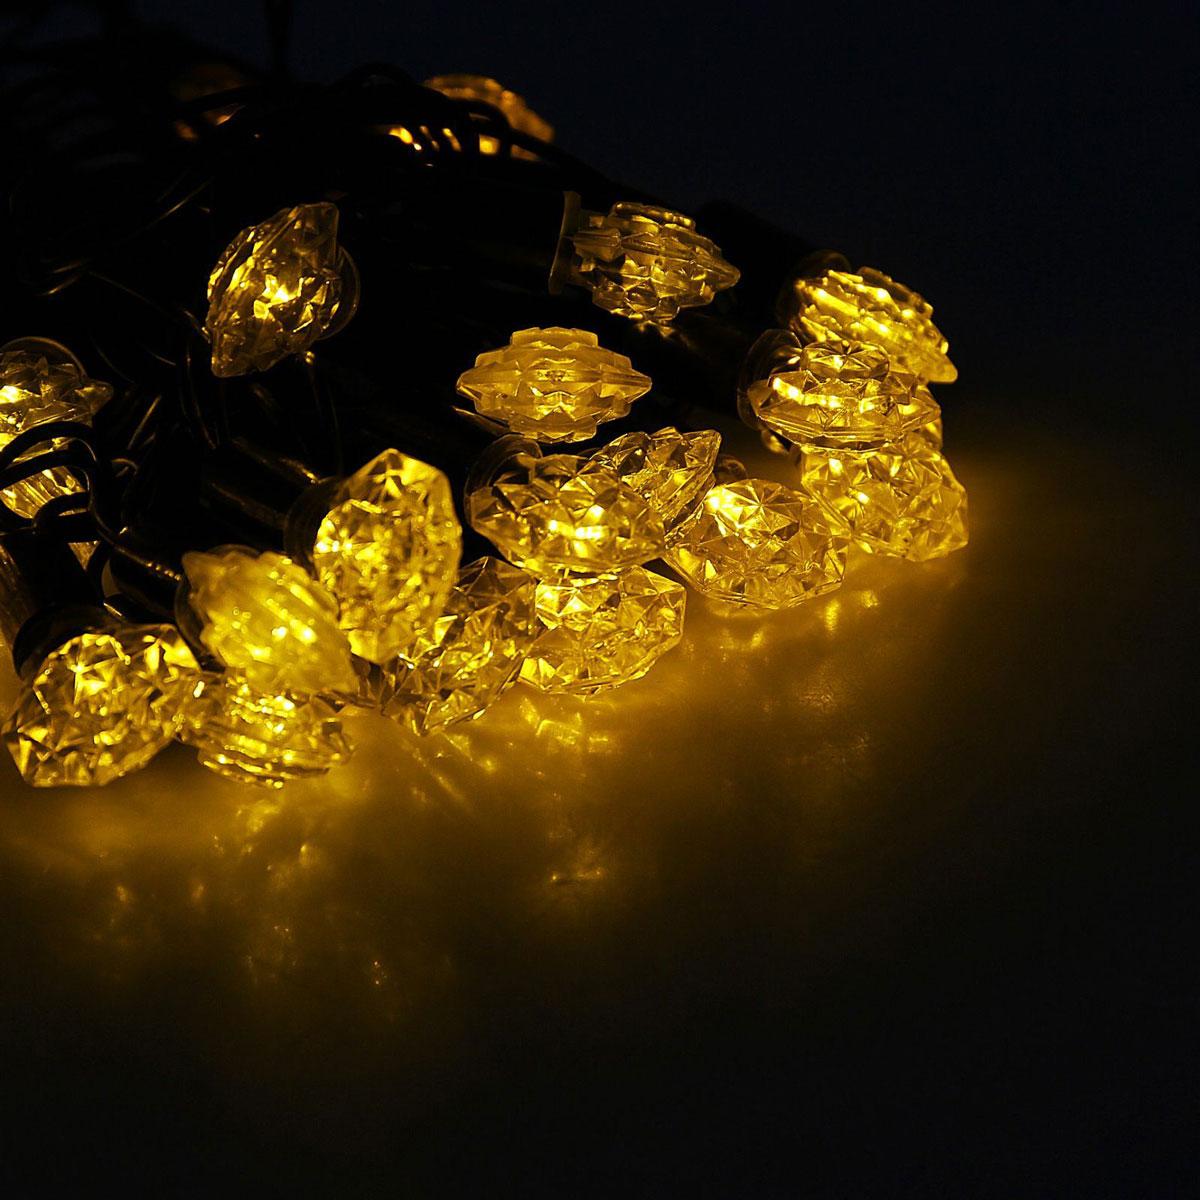 Гирлянда светодиодная Luazon Метраж. Грани, уличная с насадкой, фиксинг, 40 ламп, 220 V, 5 м, цвет: желтый. 10800761080076Светодиодные гирлянды, ленты и т.д. — это отличный вариант для новогоднего оформления интерьера или фасада. С их помощью помещение любого размера можно превратить в праздничный зал, а внешние элементы зданий, украшенные ими, мгновенно станут напоминать очертания сказочного дворца. Такие украшения создают ауру предвкушения чуда. Деревья, фасады, витрины, окна и арки будто специально созданы, чтобы вы украсили их светящимися нитями.